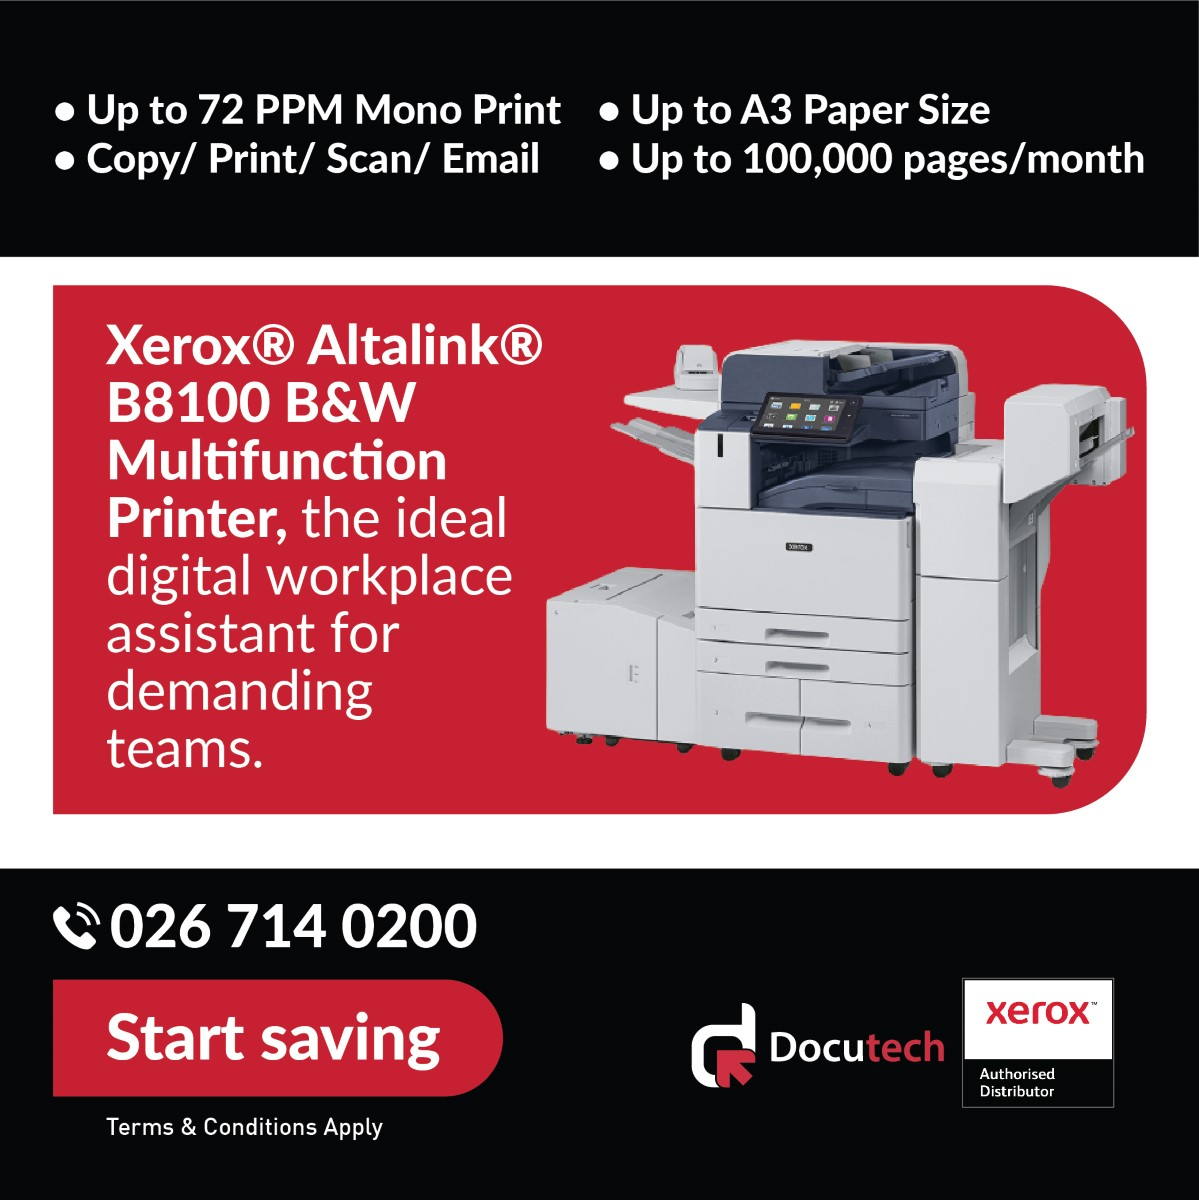 Xerox April 2021 Promo-07